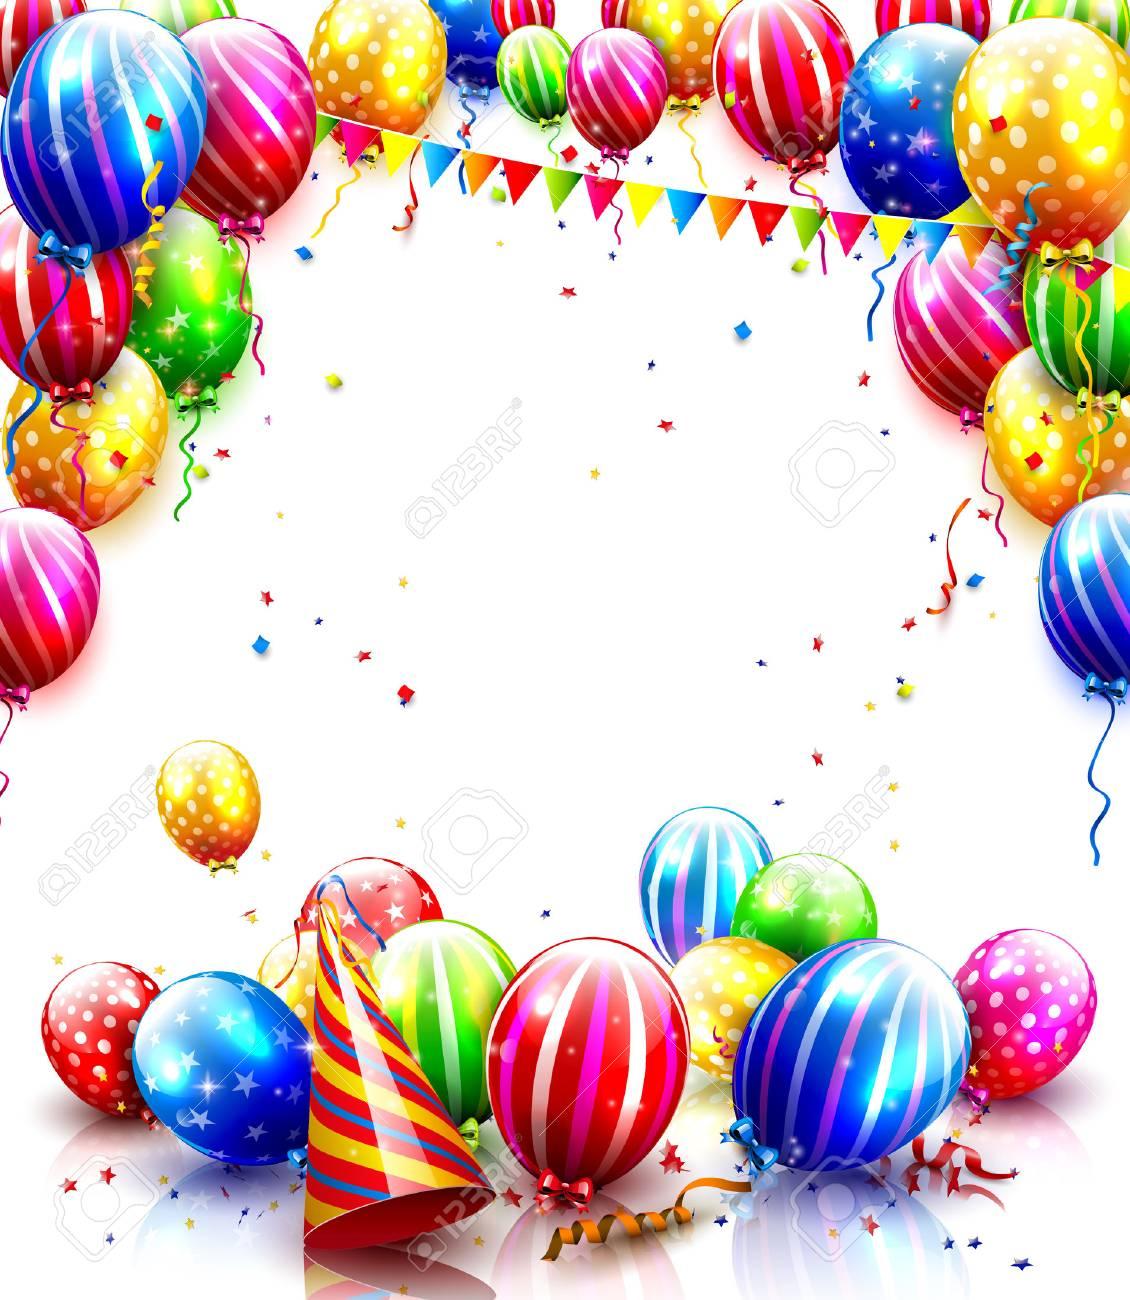 Beste Kleurrijke Ballonnen En Confetti Geïsoleerd Op Een Witte HD-79